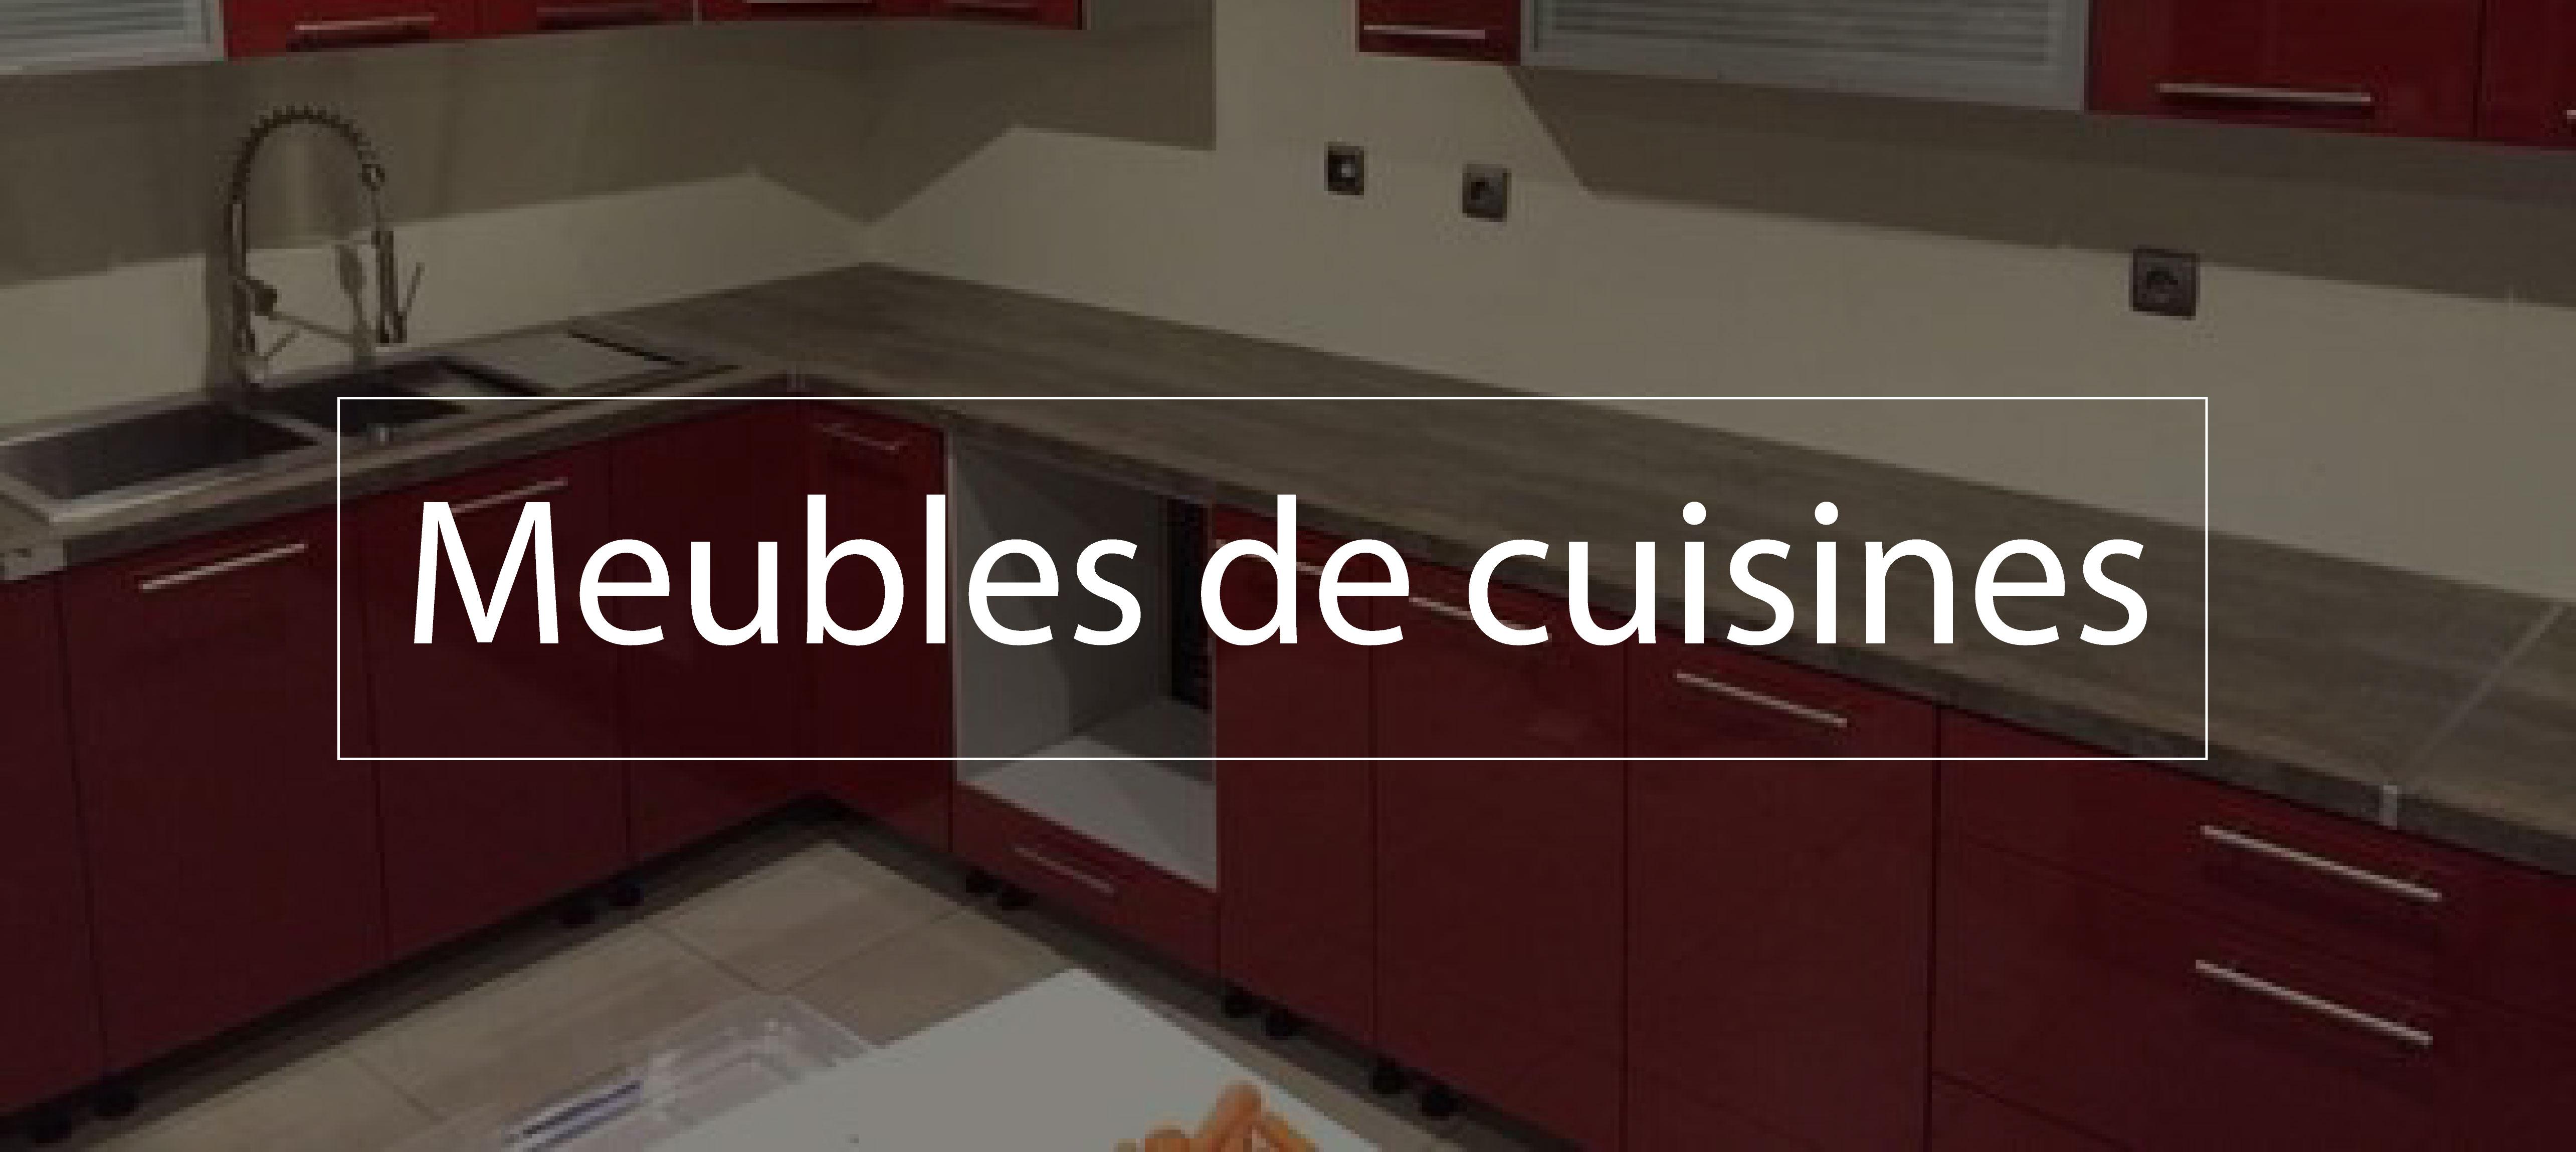 meubles de cuisines